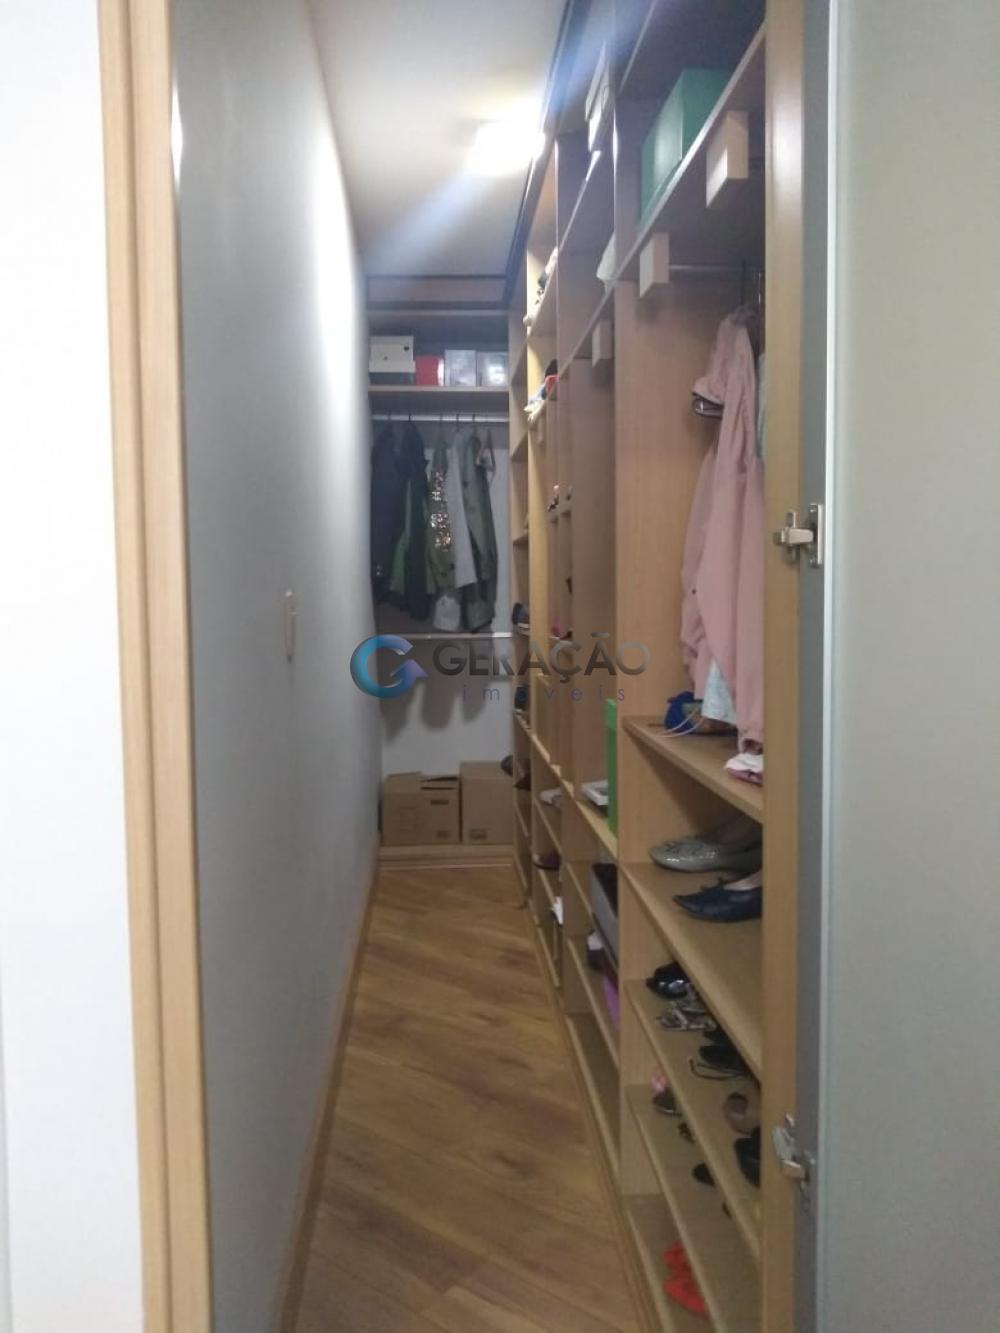 Comprar Apartamento / Padrão em São José dos Campos R$ 1.300.000,00 - Foto 12